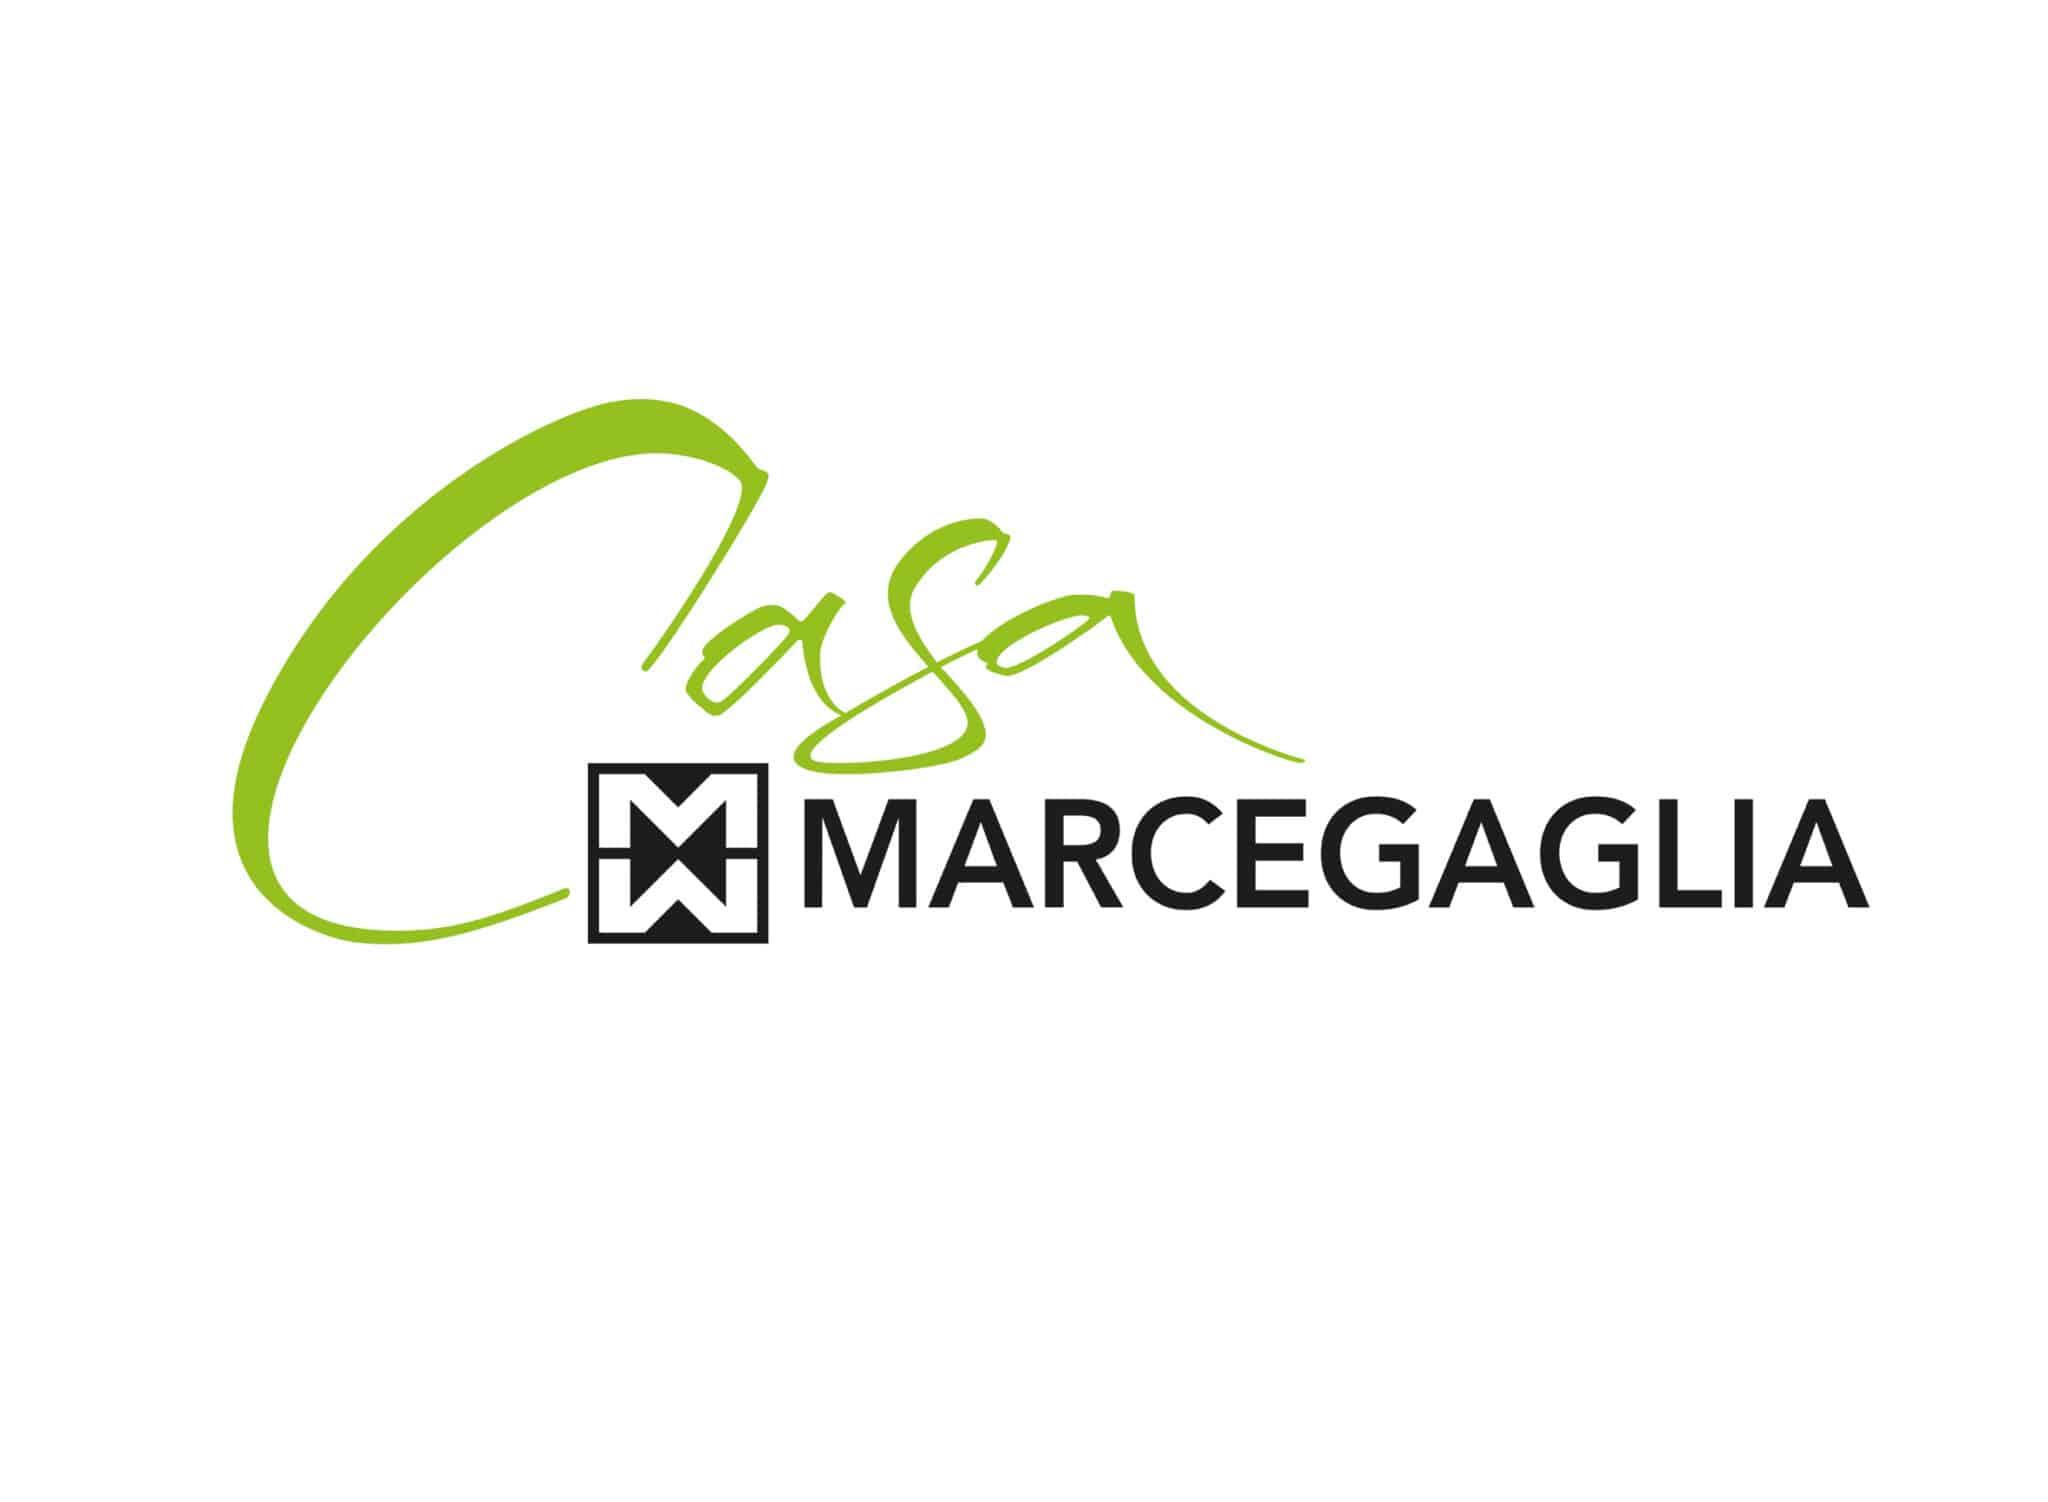 https://www.studiochiesa.it/wp-content/uploads/2020/10/Casa-Marcegaglia-logo_colore_portfolio.jpg